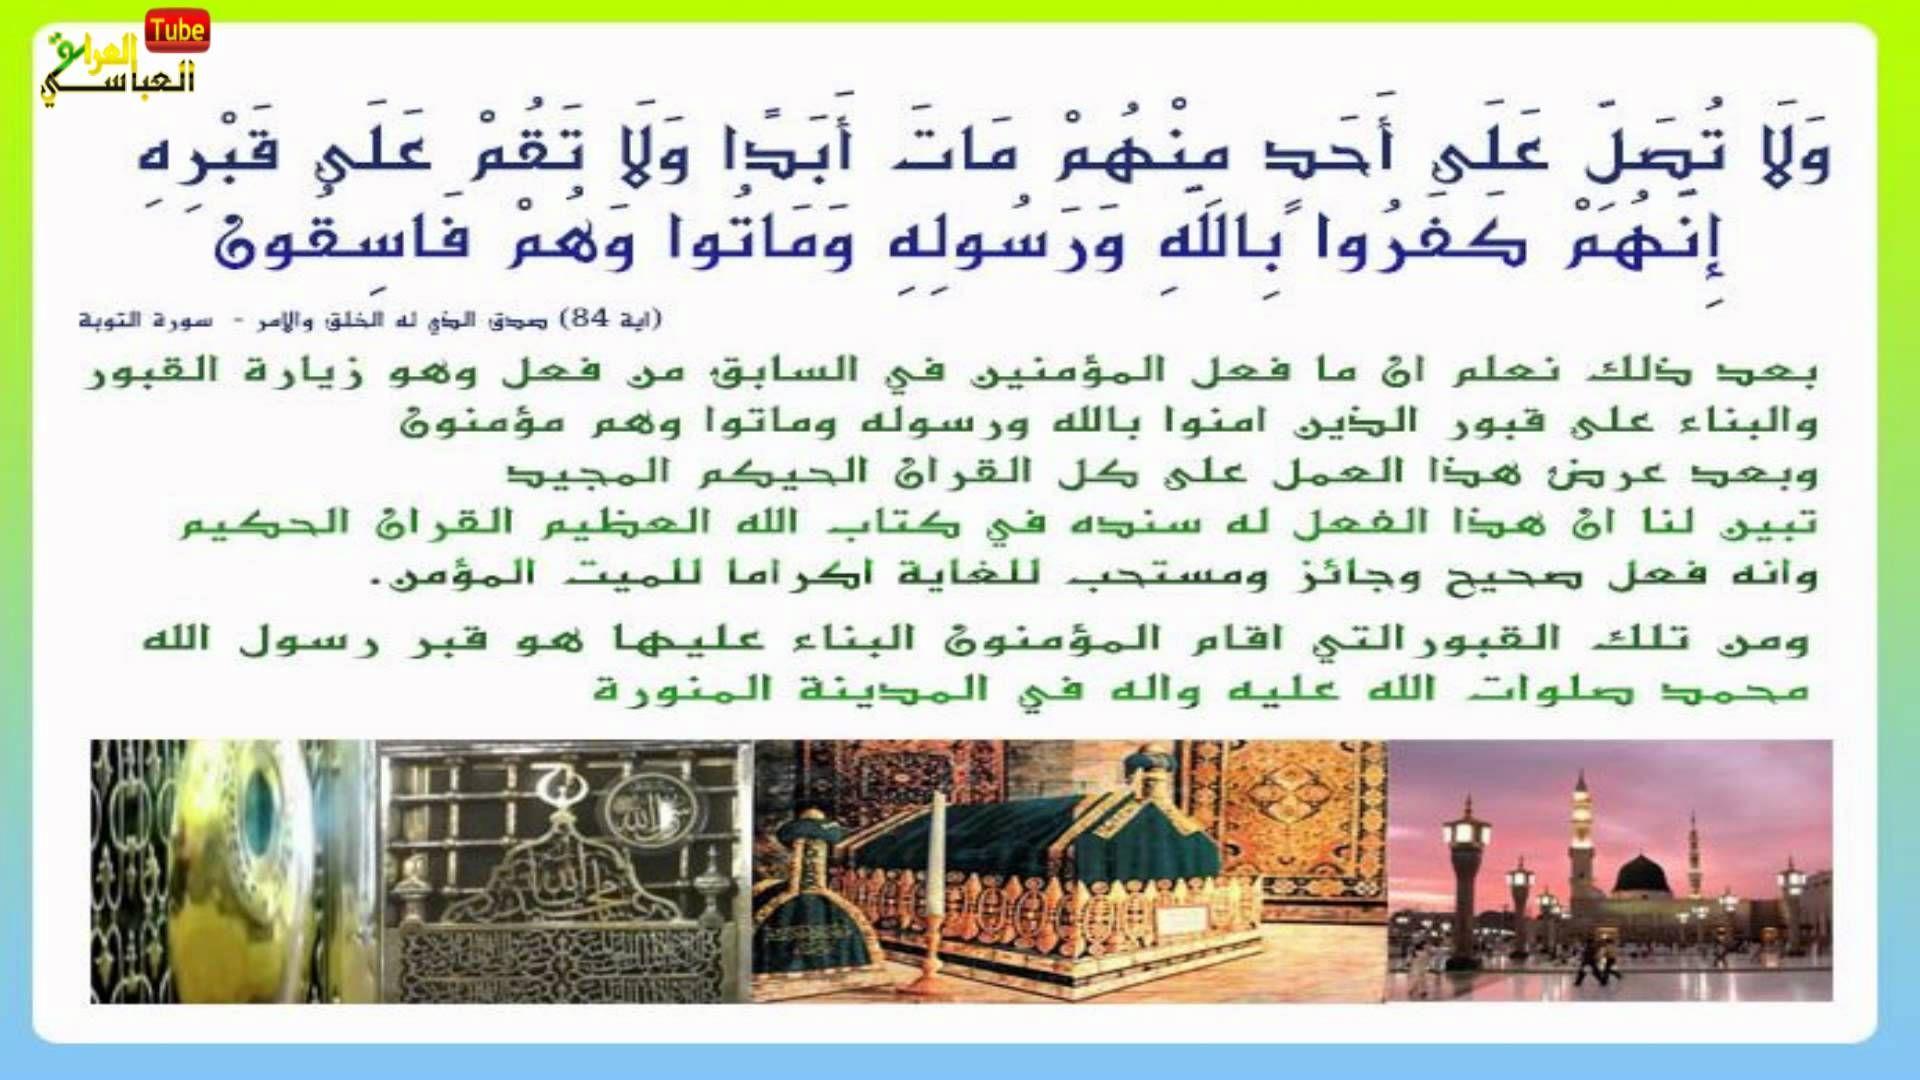 ولا تصل على احد منهم يجب الطاعة لاوامر الله تعالى Islamic Images Islam